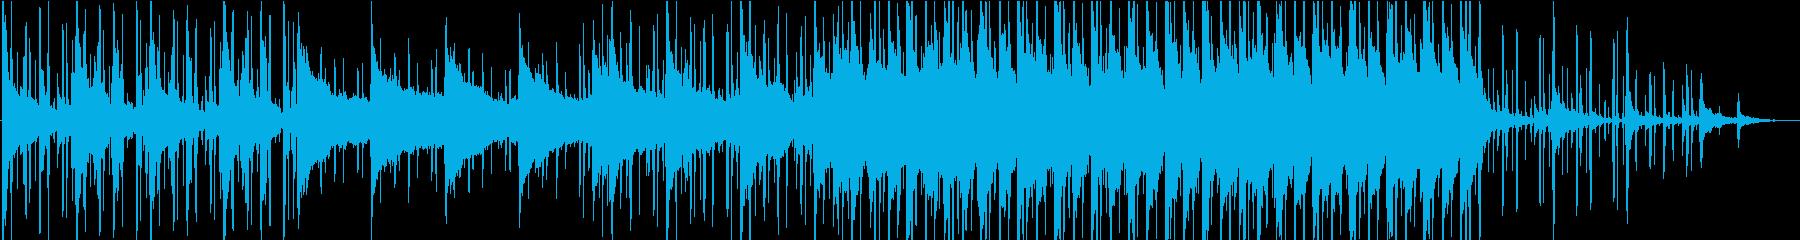 【和風】神秘的なlofi hiphop②の再生済みの波形